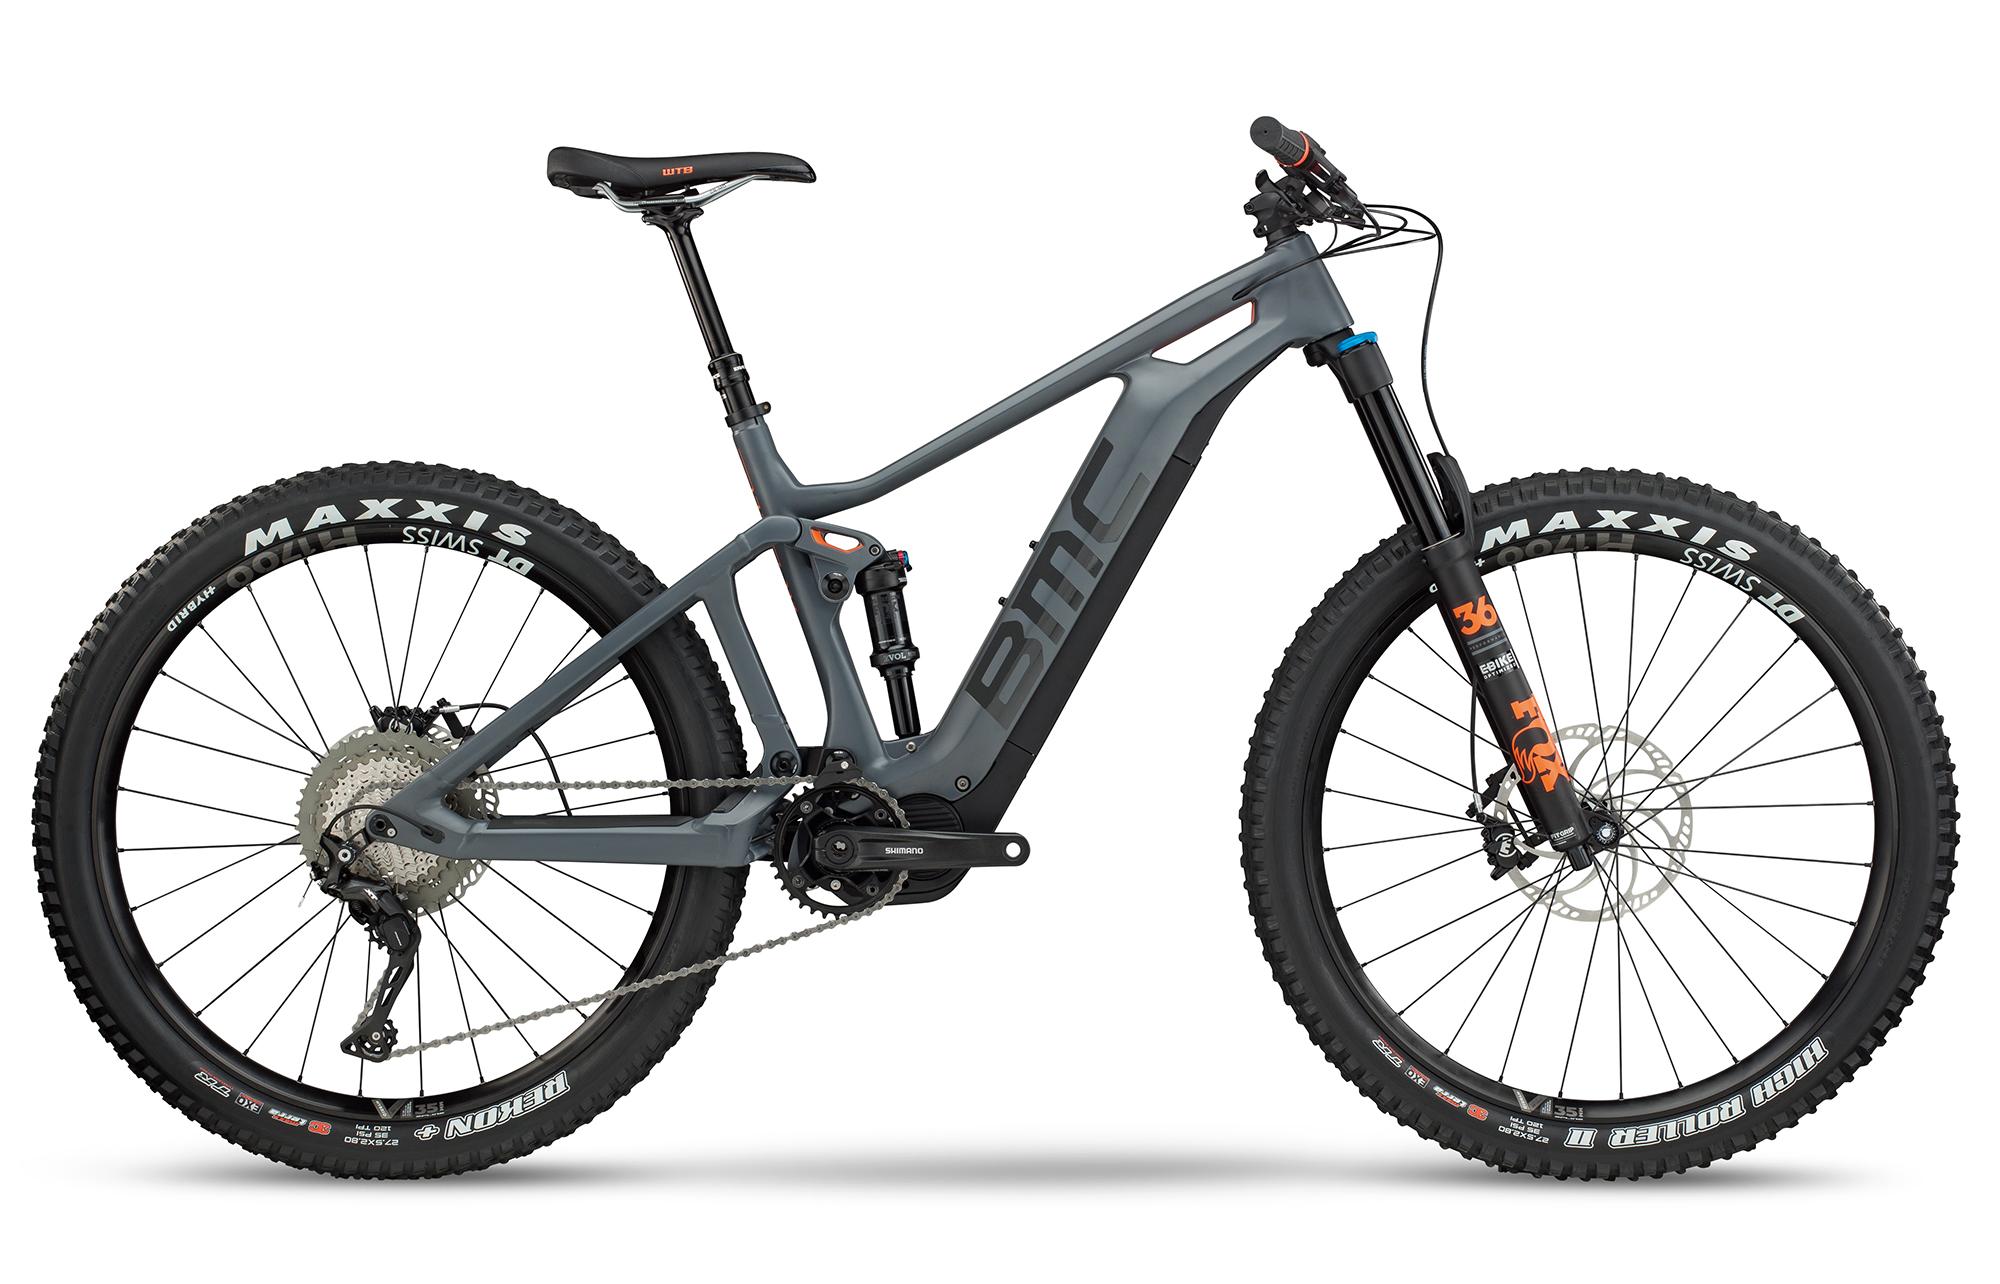 fcf891ddfcf Bmc trailfox amp two bike a cycles jpg 2000x1284 Bmc bike hybrid